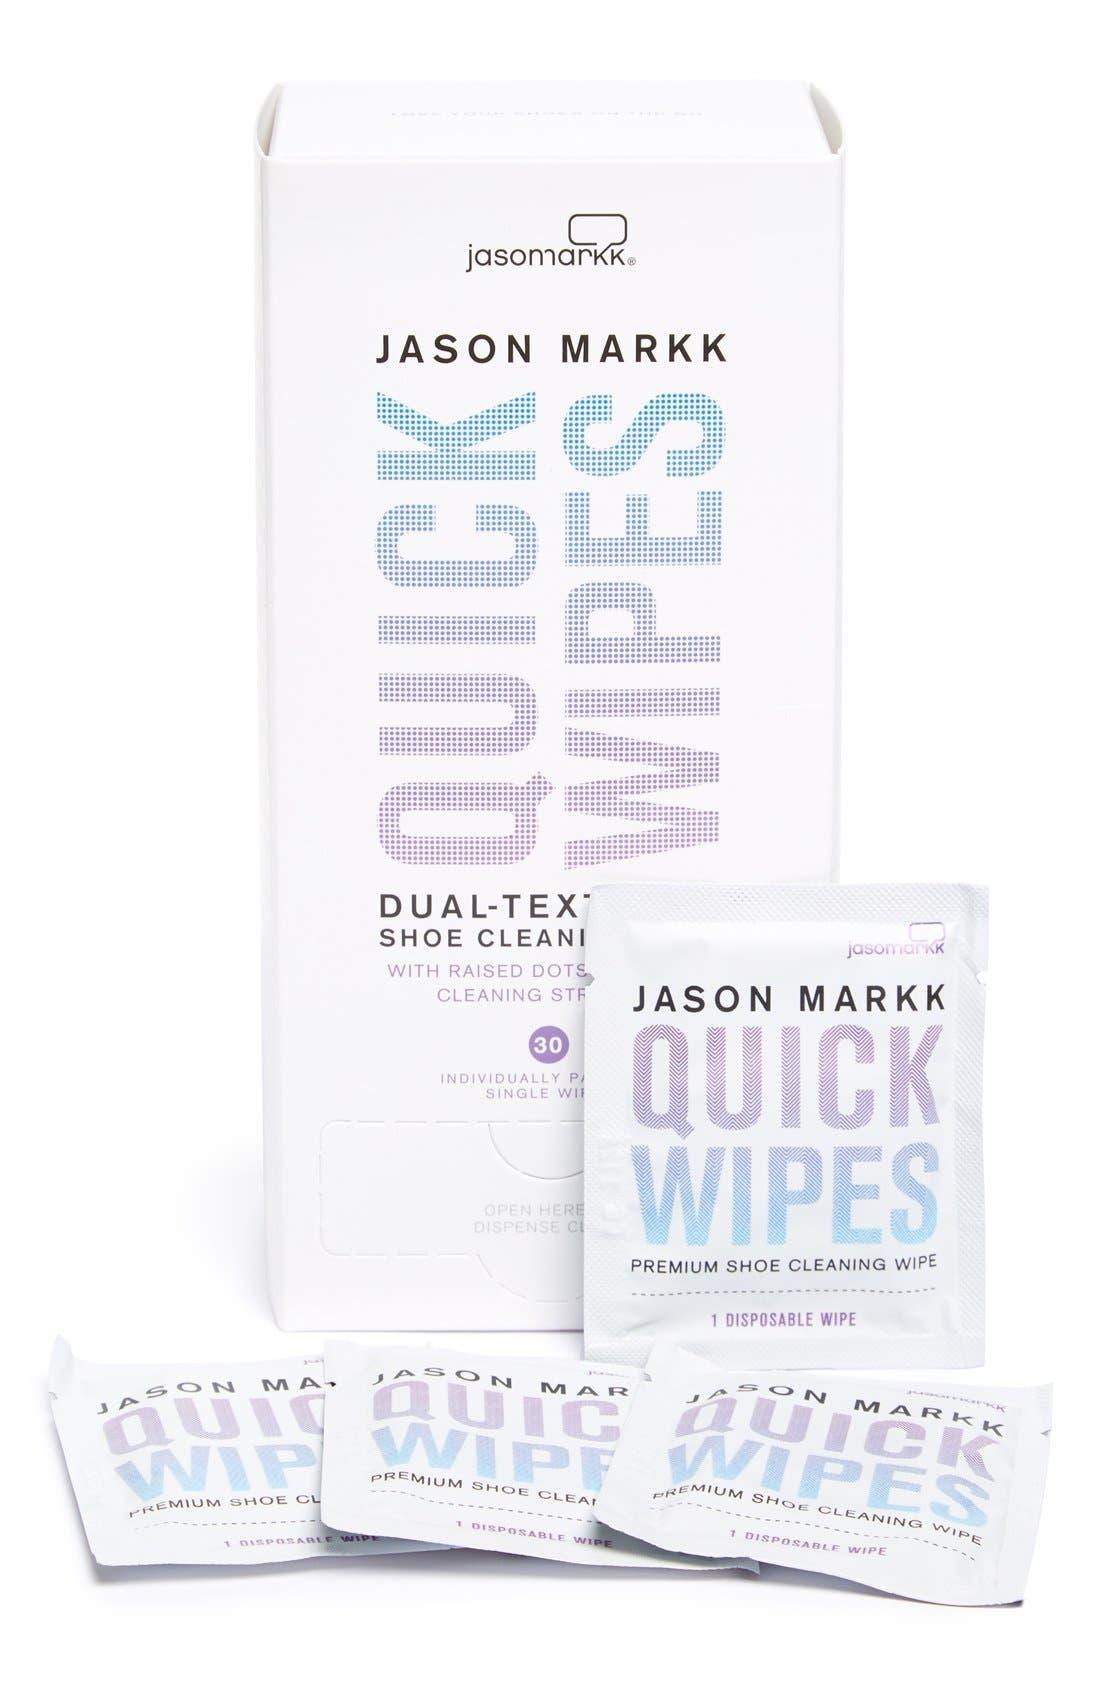 Jason Markk 'Quick Wipes' Shoe Cleaning